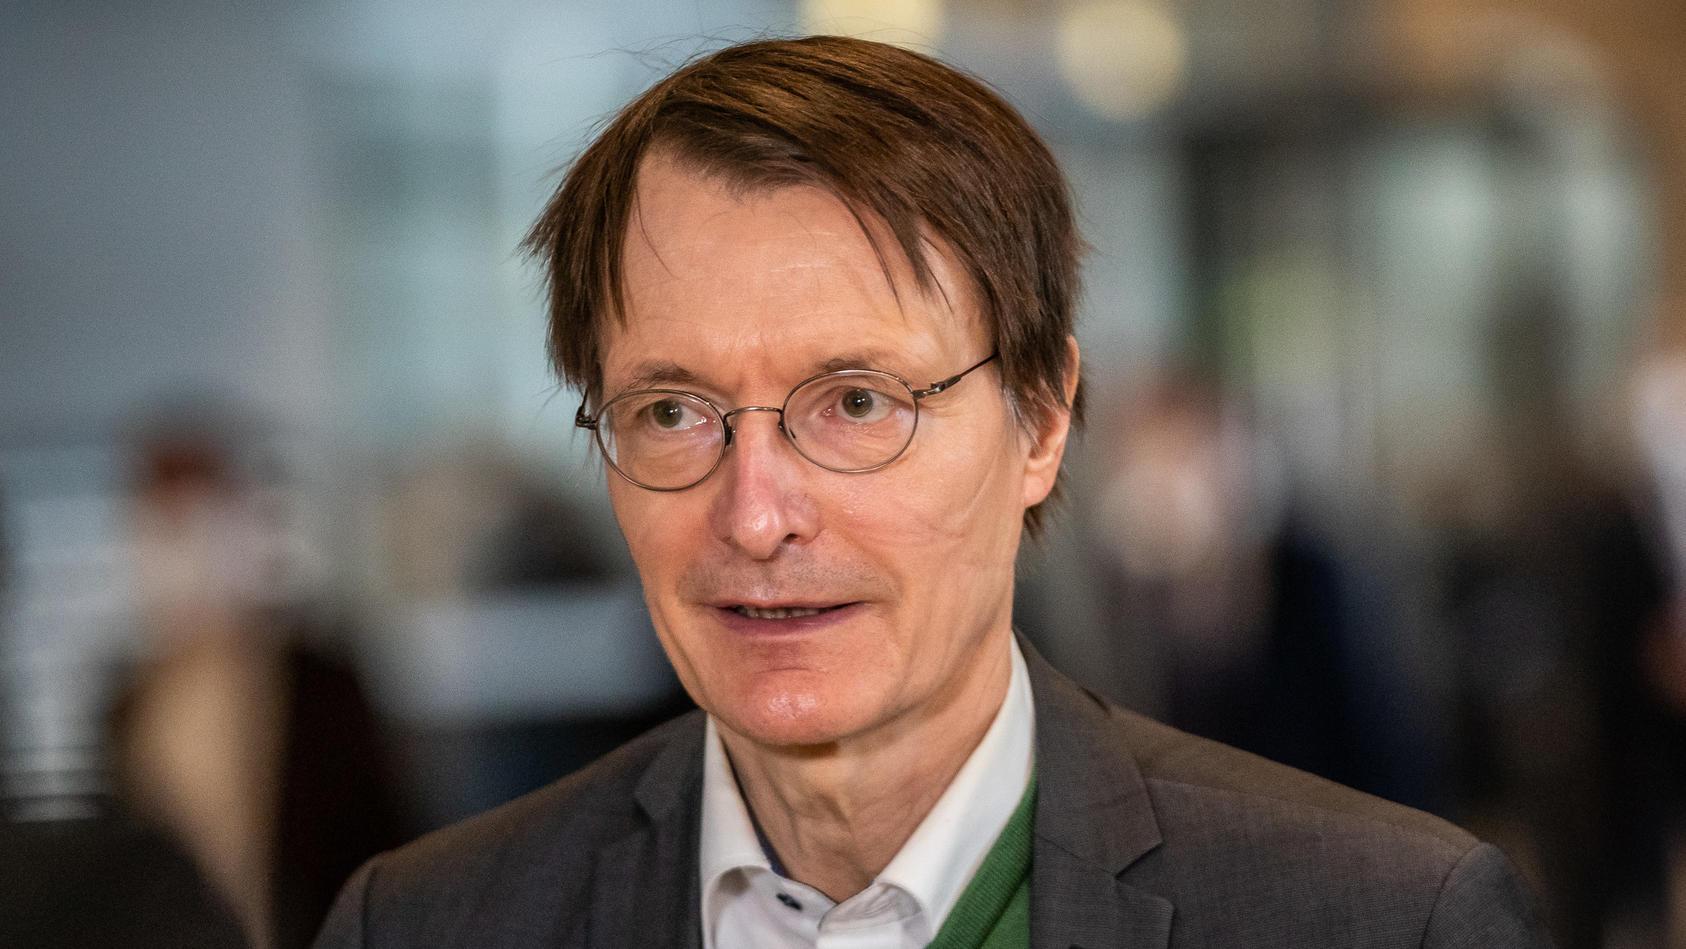 Karl Lauterbach hat in einem Interview erklärt, dem Amt des Gesundheitsministers nicht abgeneigt zu sein